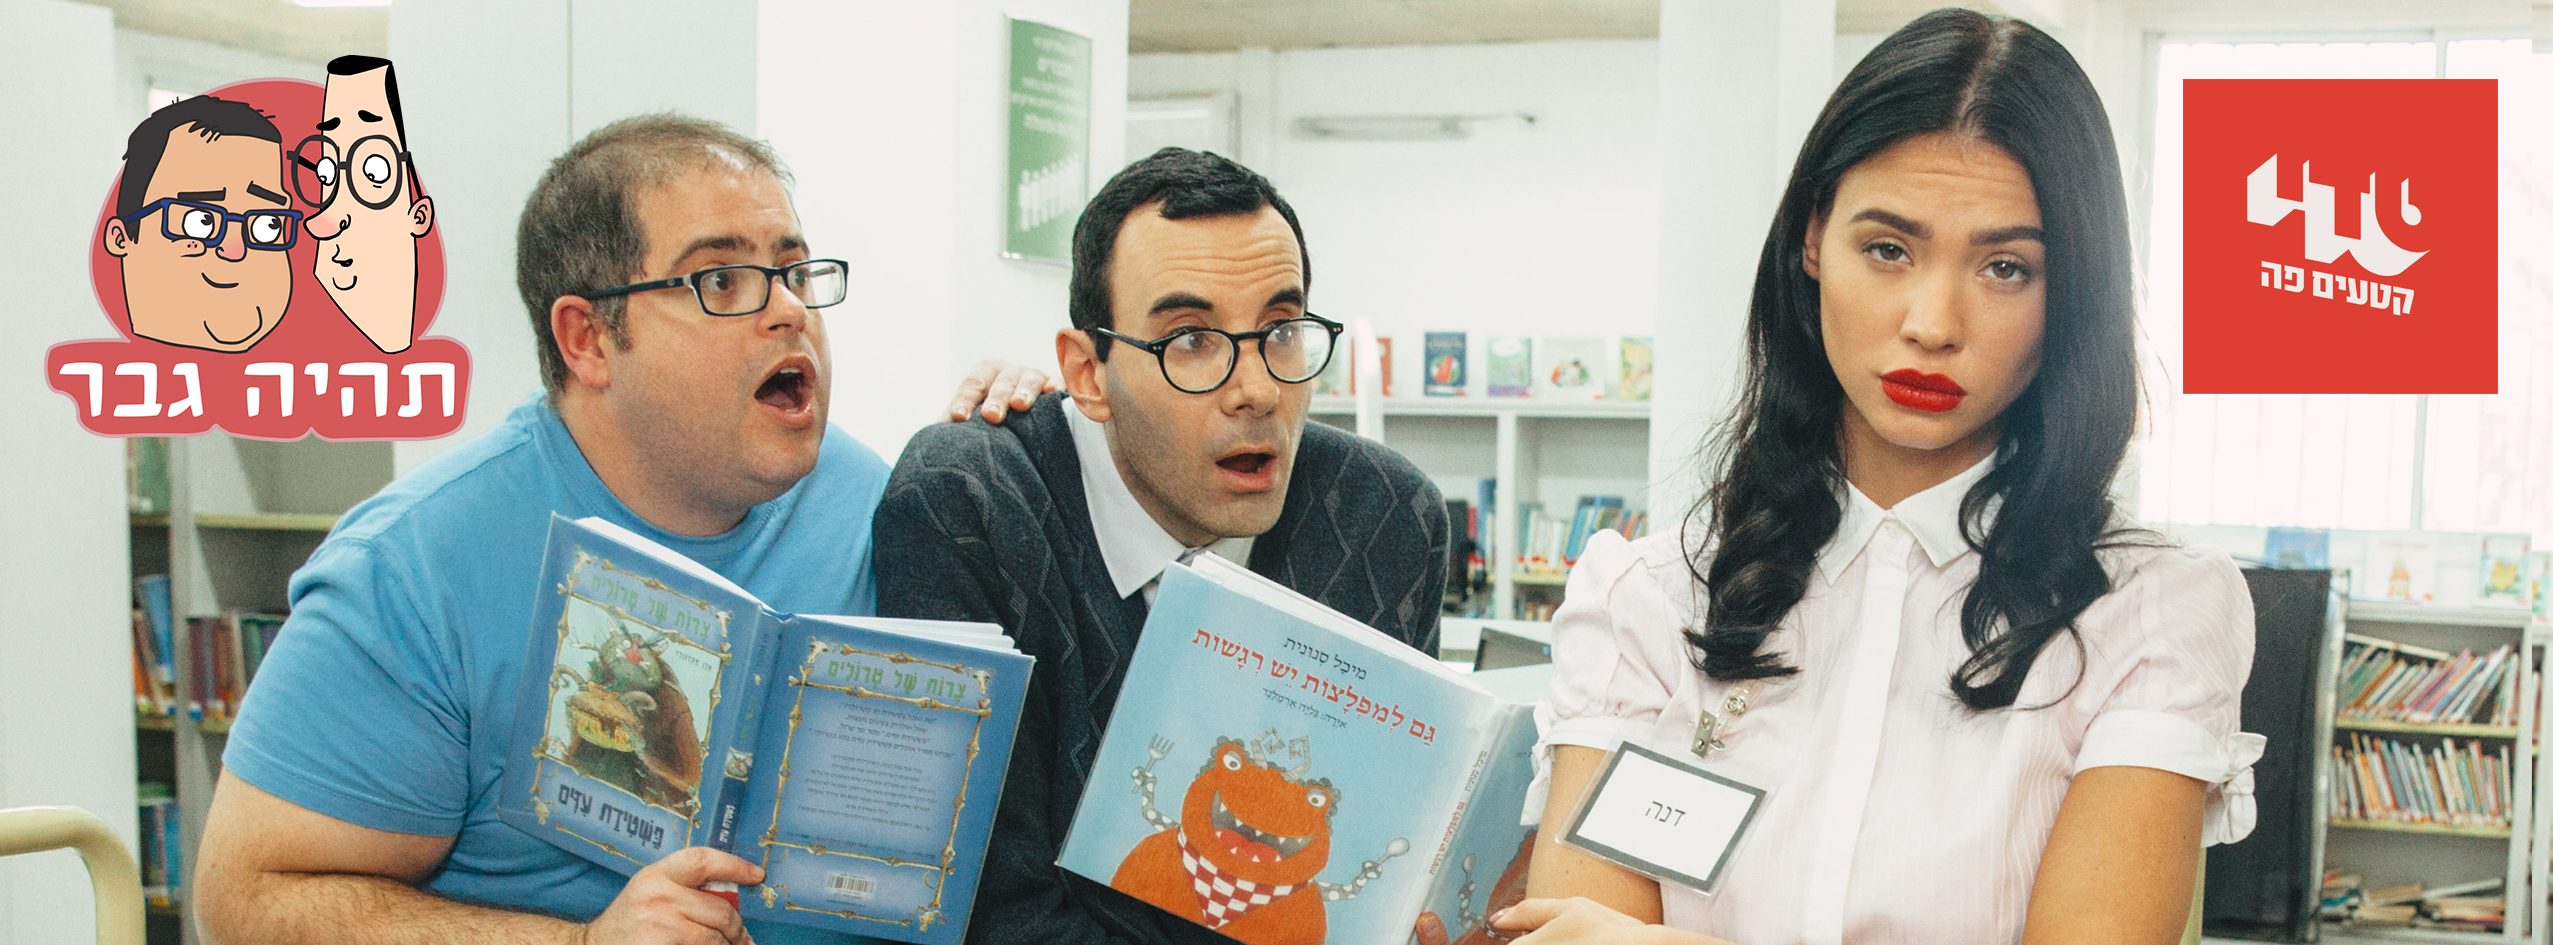 אורי ברויר סטנדאפיסט ושחקן וכותב קומ